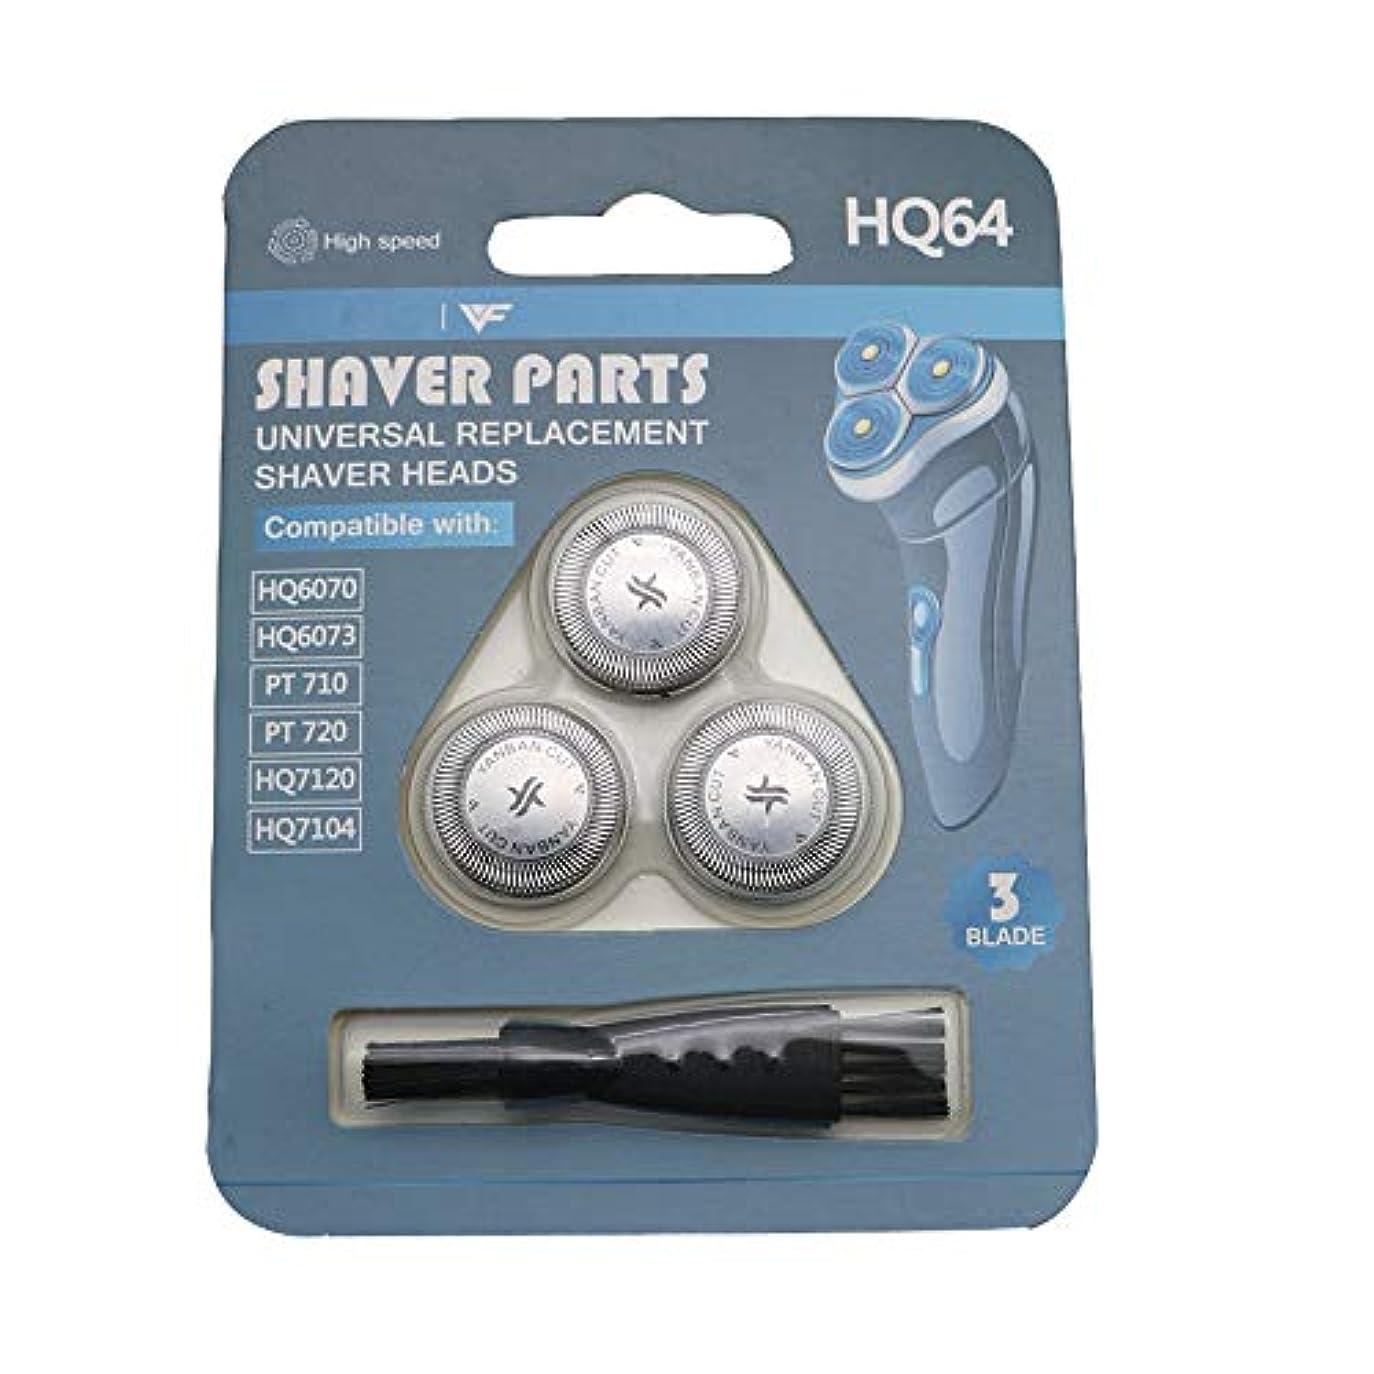 いう前にストッキングWuYan メンズシェーバー 置換品 3個 交換用 シェーバー ヘッド互換性 Philips Hq64 Hq54 Hq6070 Hq6073 7310Xl Pt710 Hq7325 Hq7340 Pt715 Pt725...